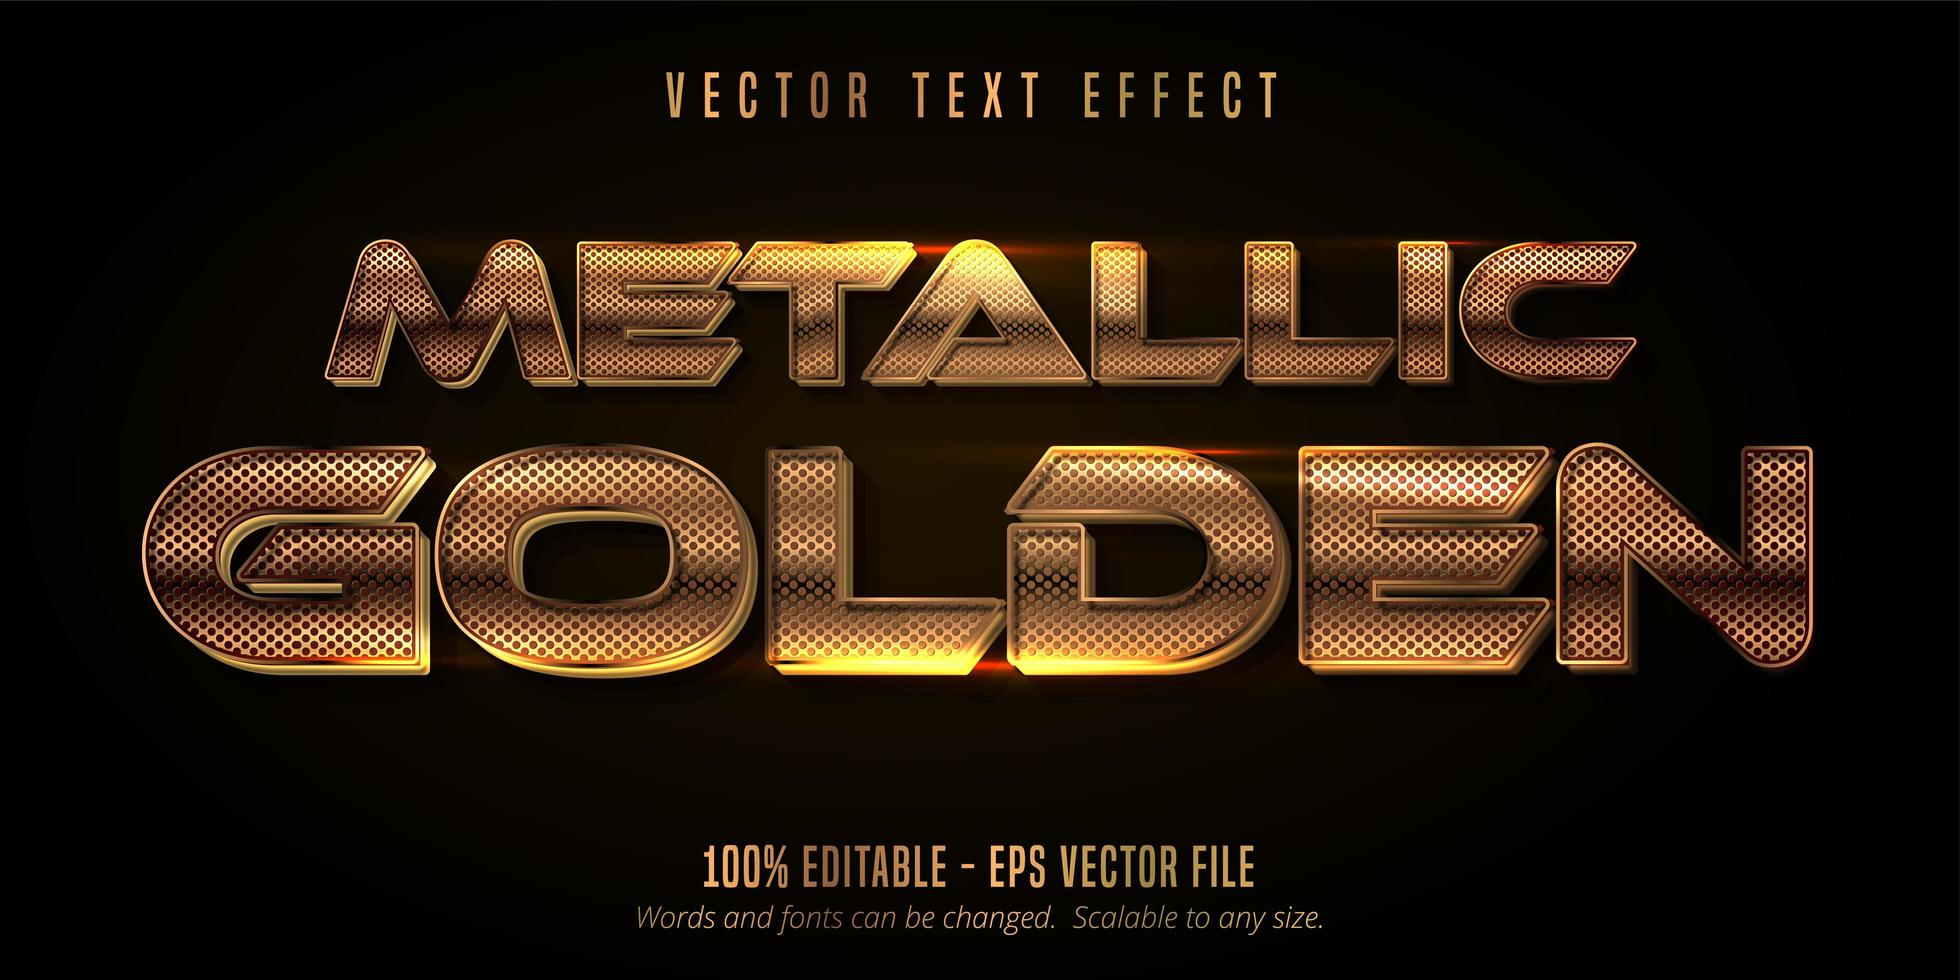 effet de texte motif grille dorée métallique vecteur